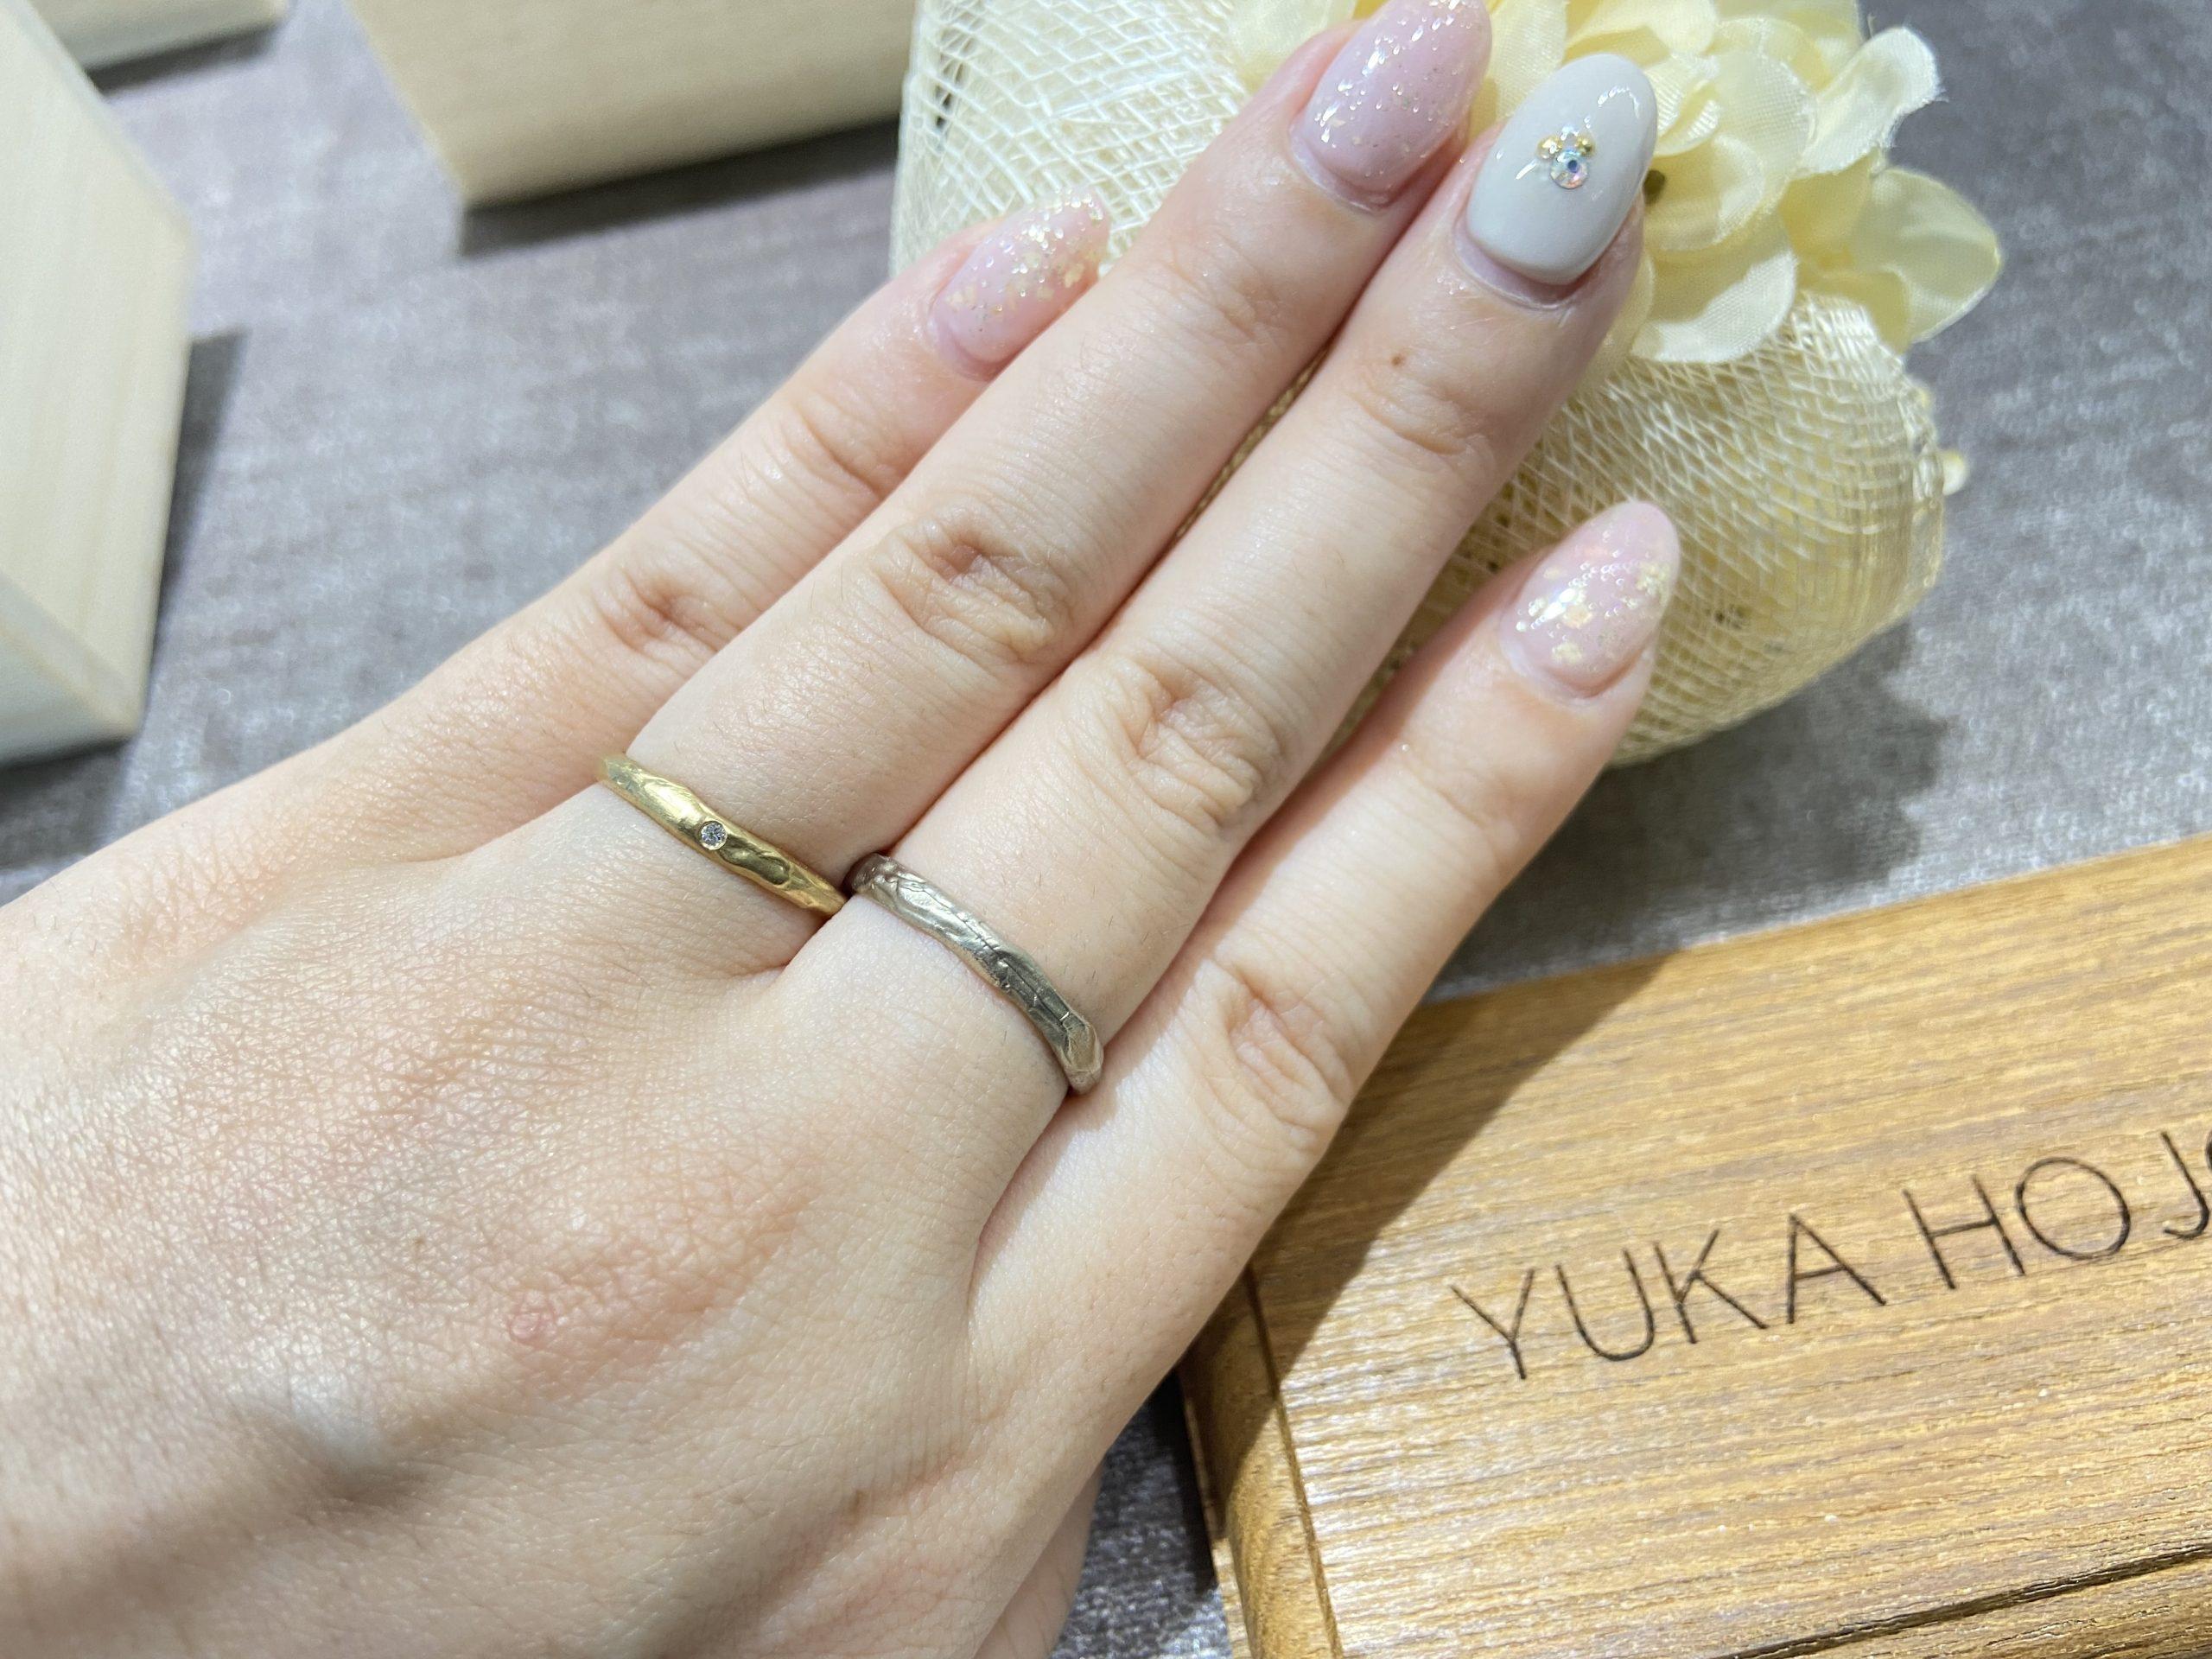 YUKAHOJO 結婚指輪